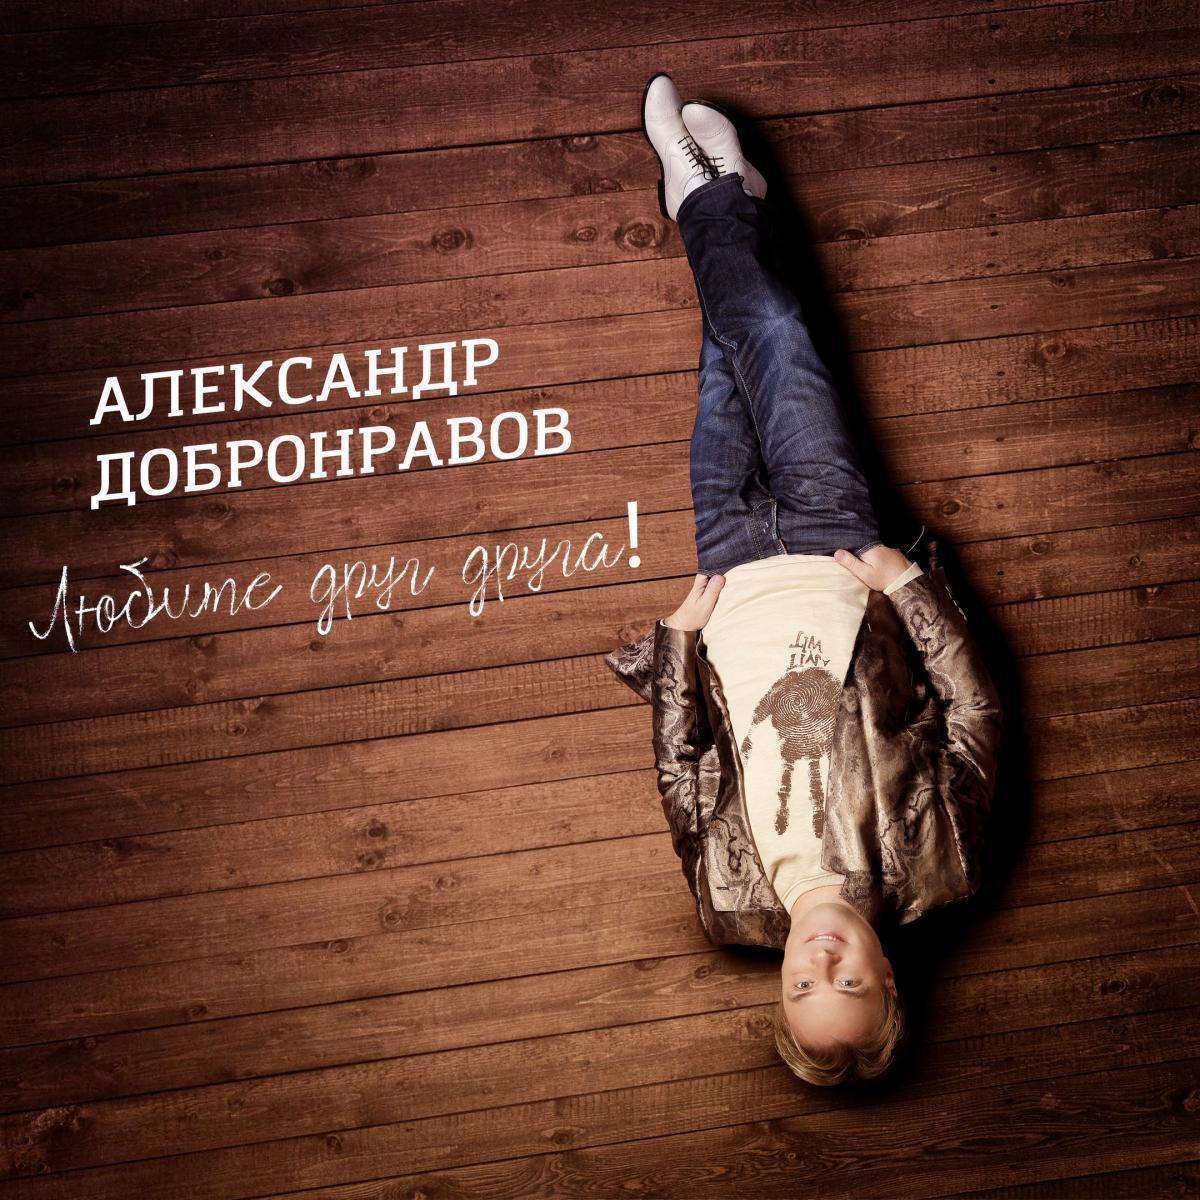 Александр Добронравов выпустил альбом «Любите друг друга!»